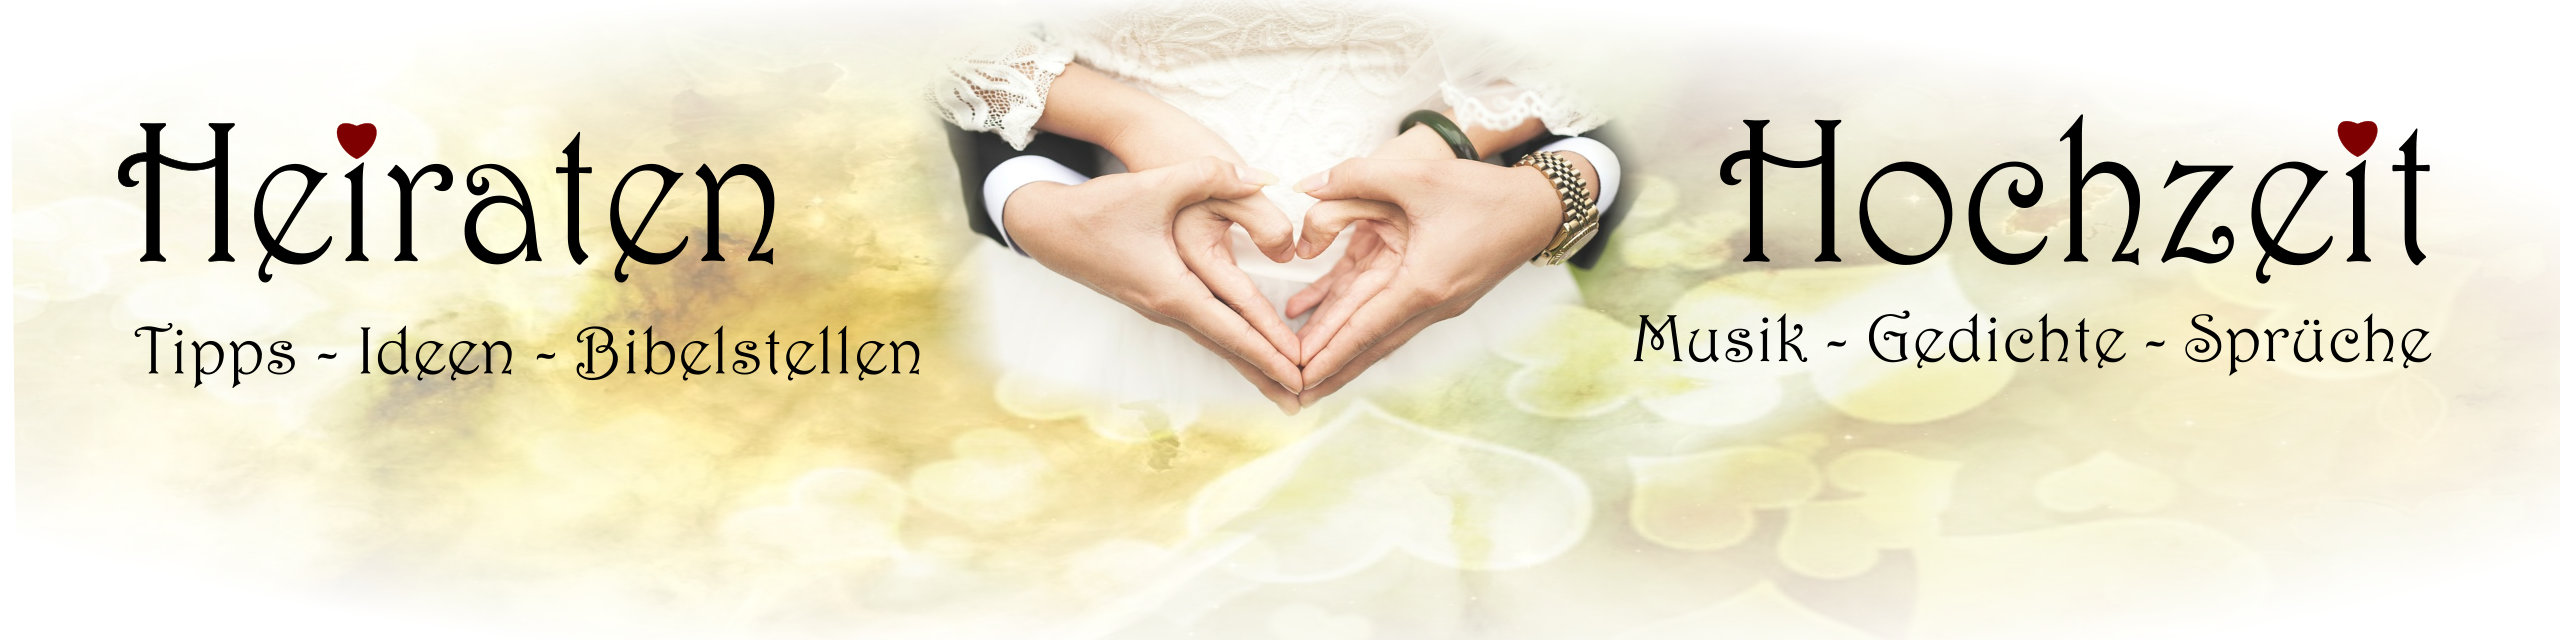 Heiraten Und Hochzeit Tipps Ideen Musik Lesungen